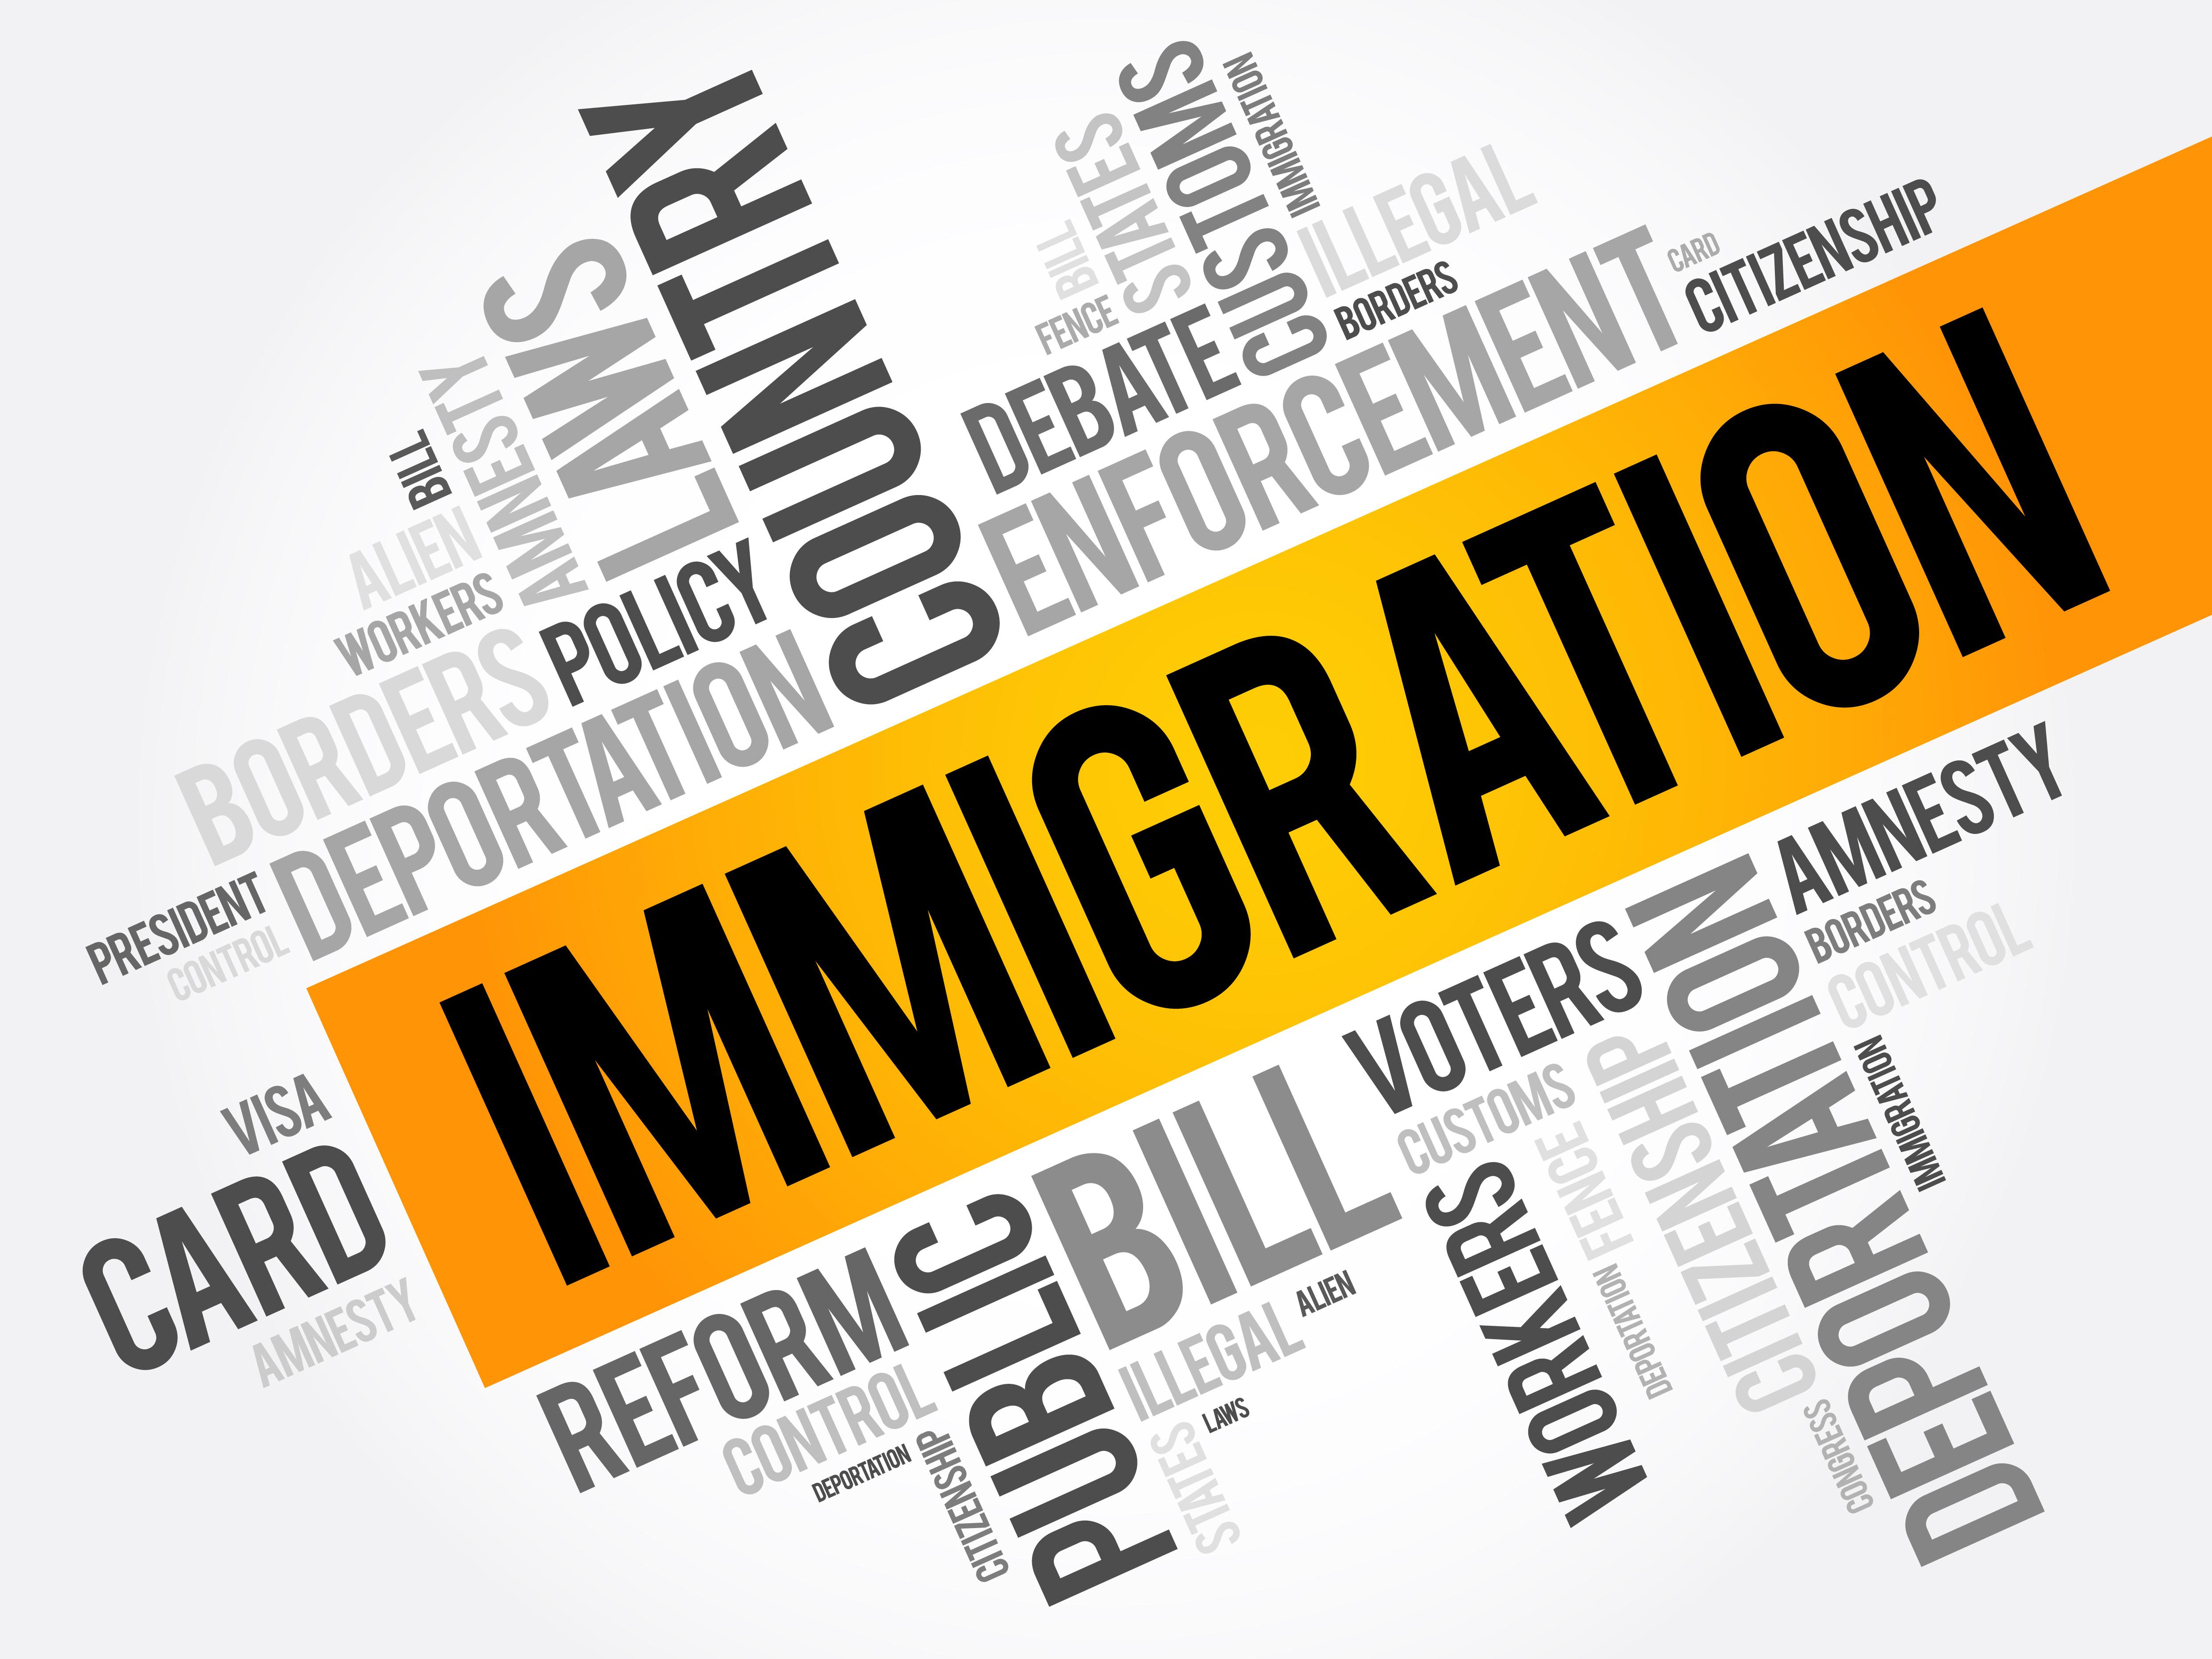 傲娇!加拿大移民指数世界第一,敞开大门欢迎你